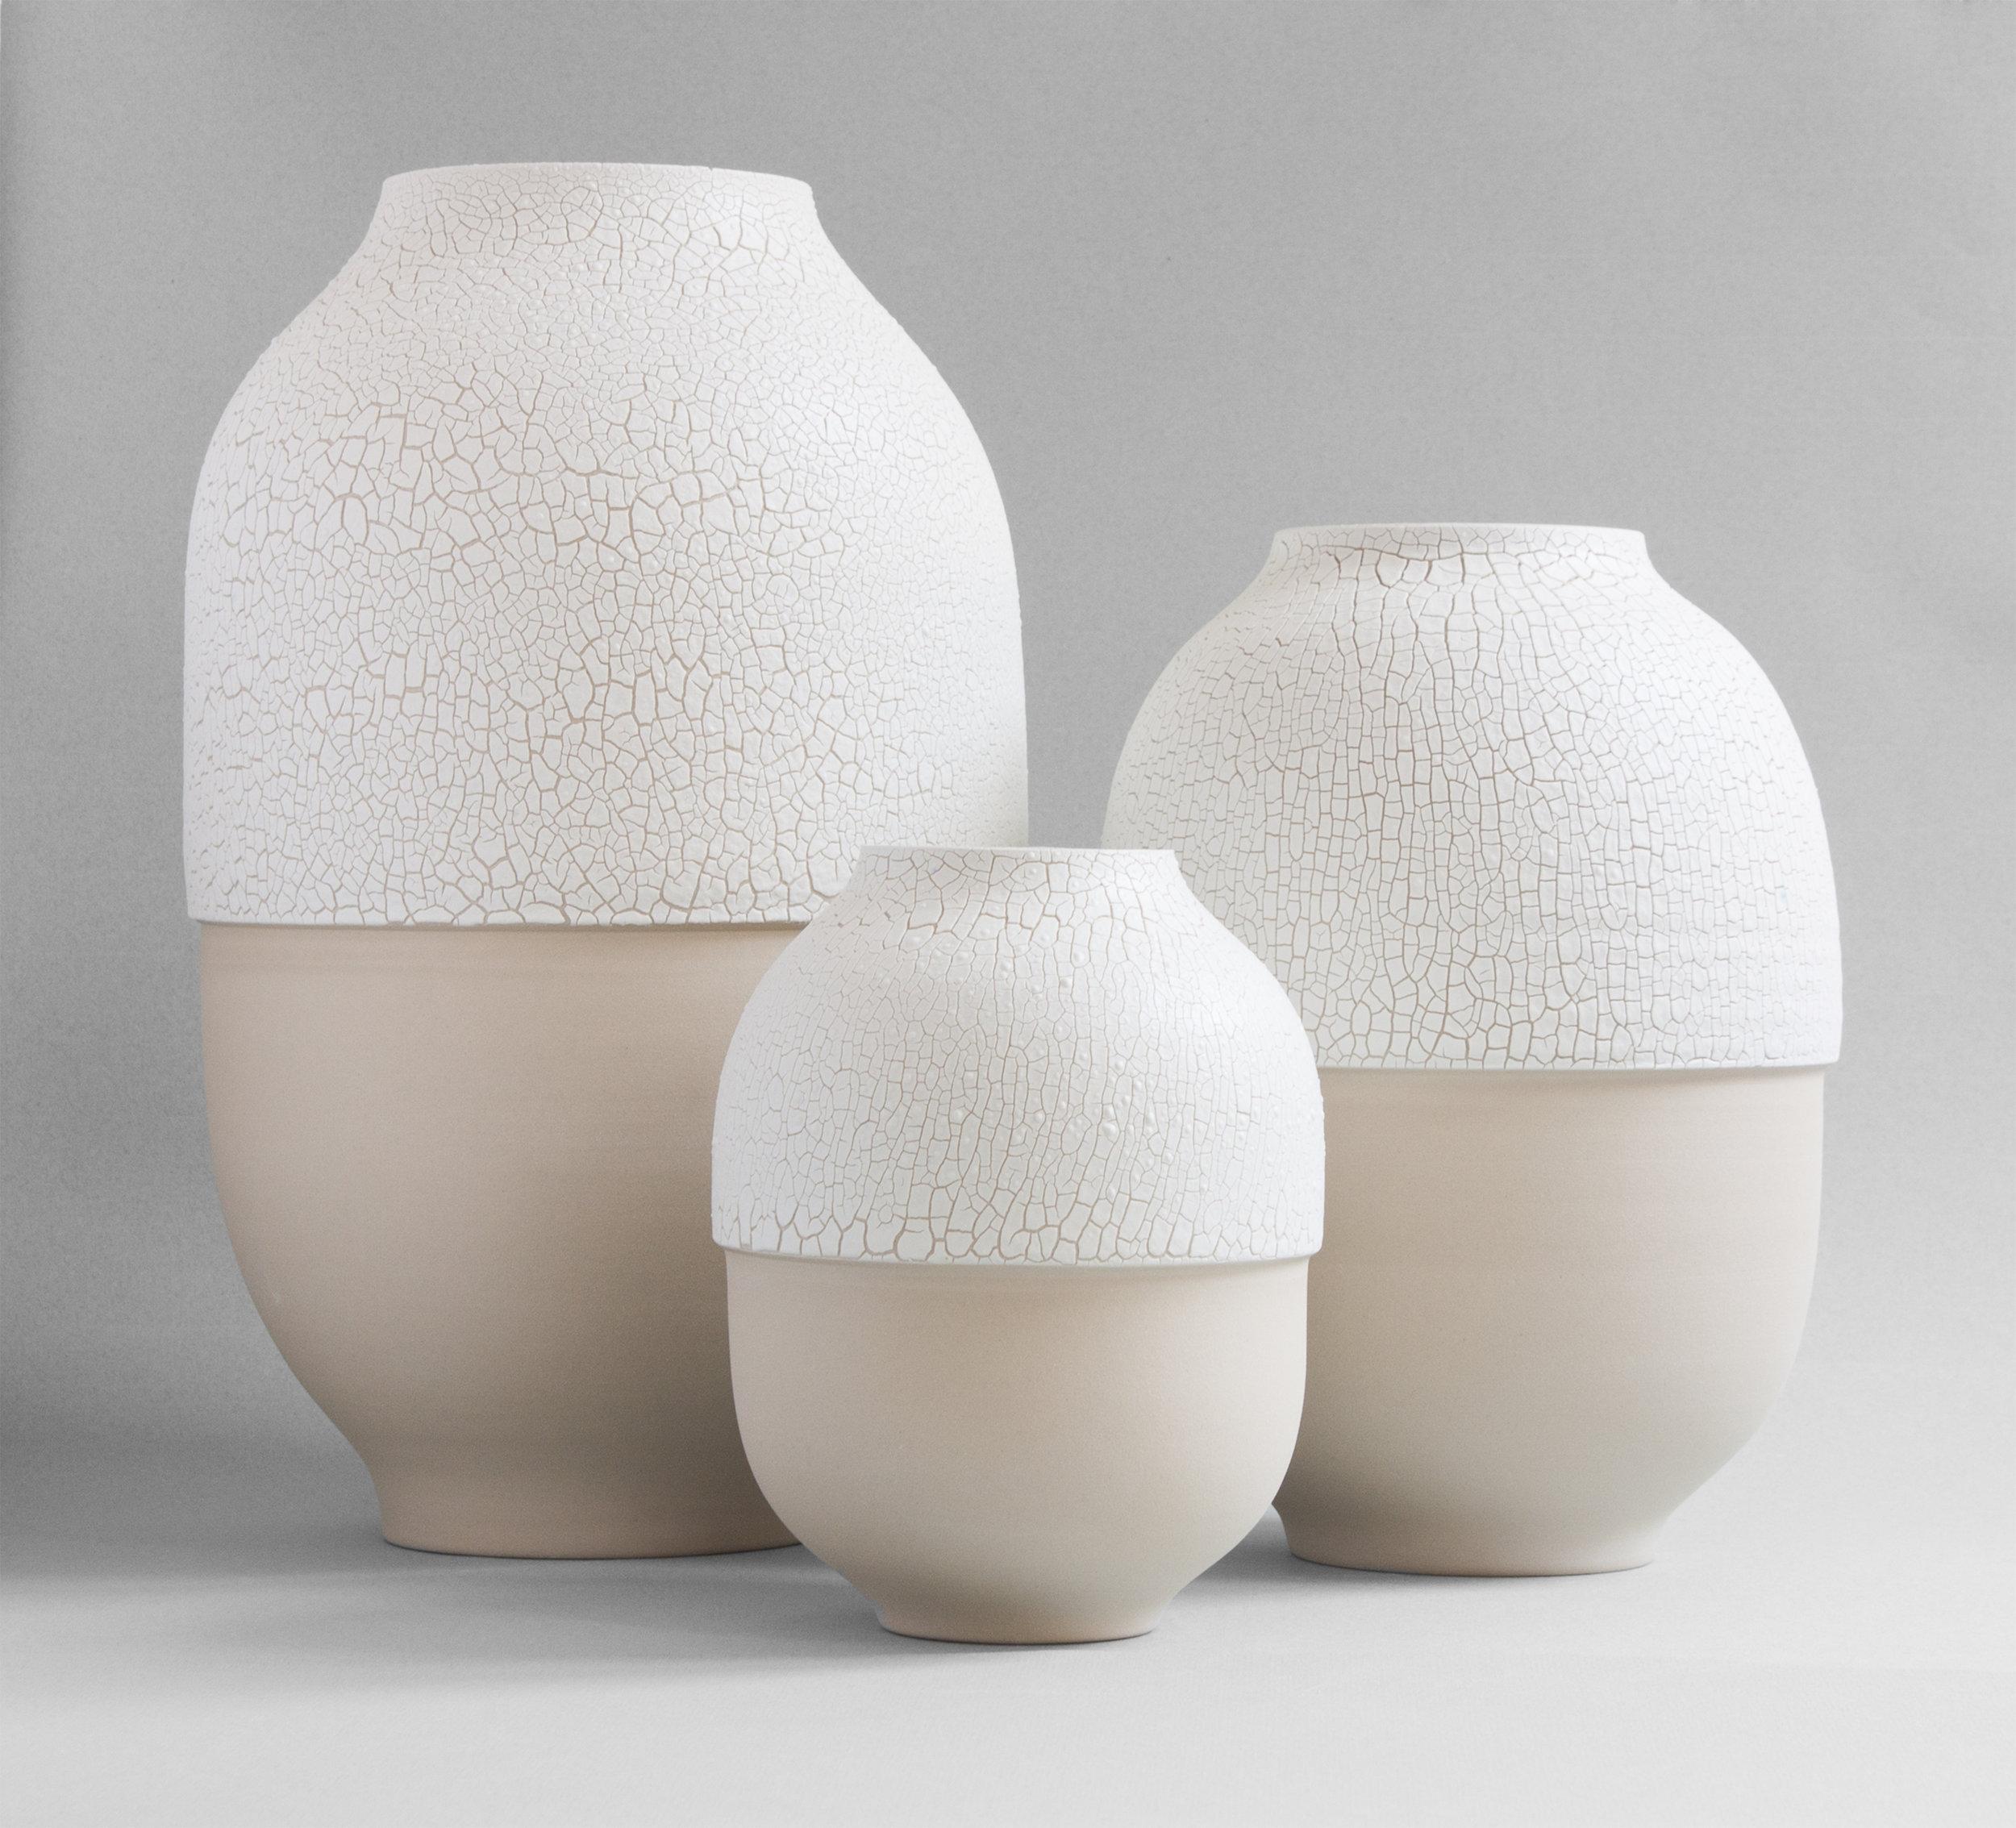 josefina-munoz-design-atacama-ceramic-vases-6.jpg